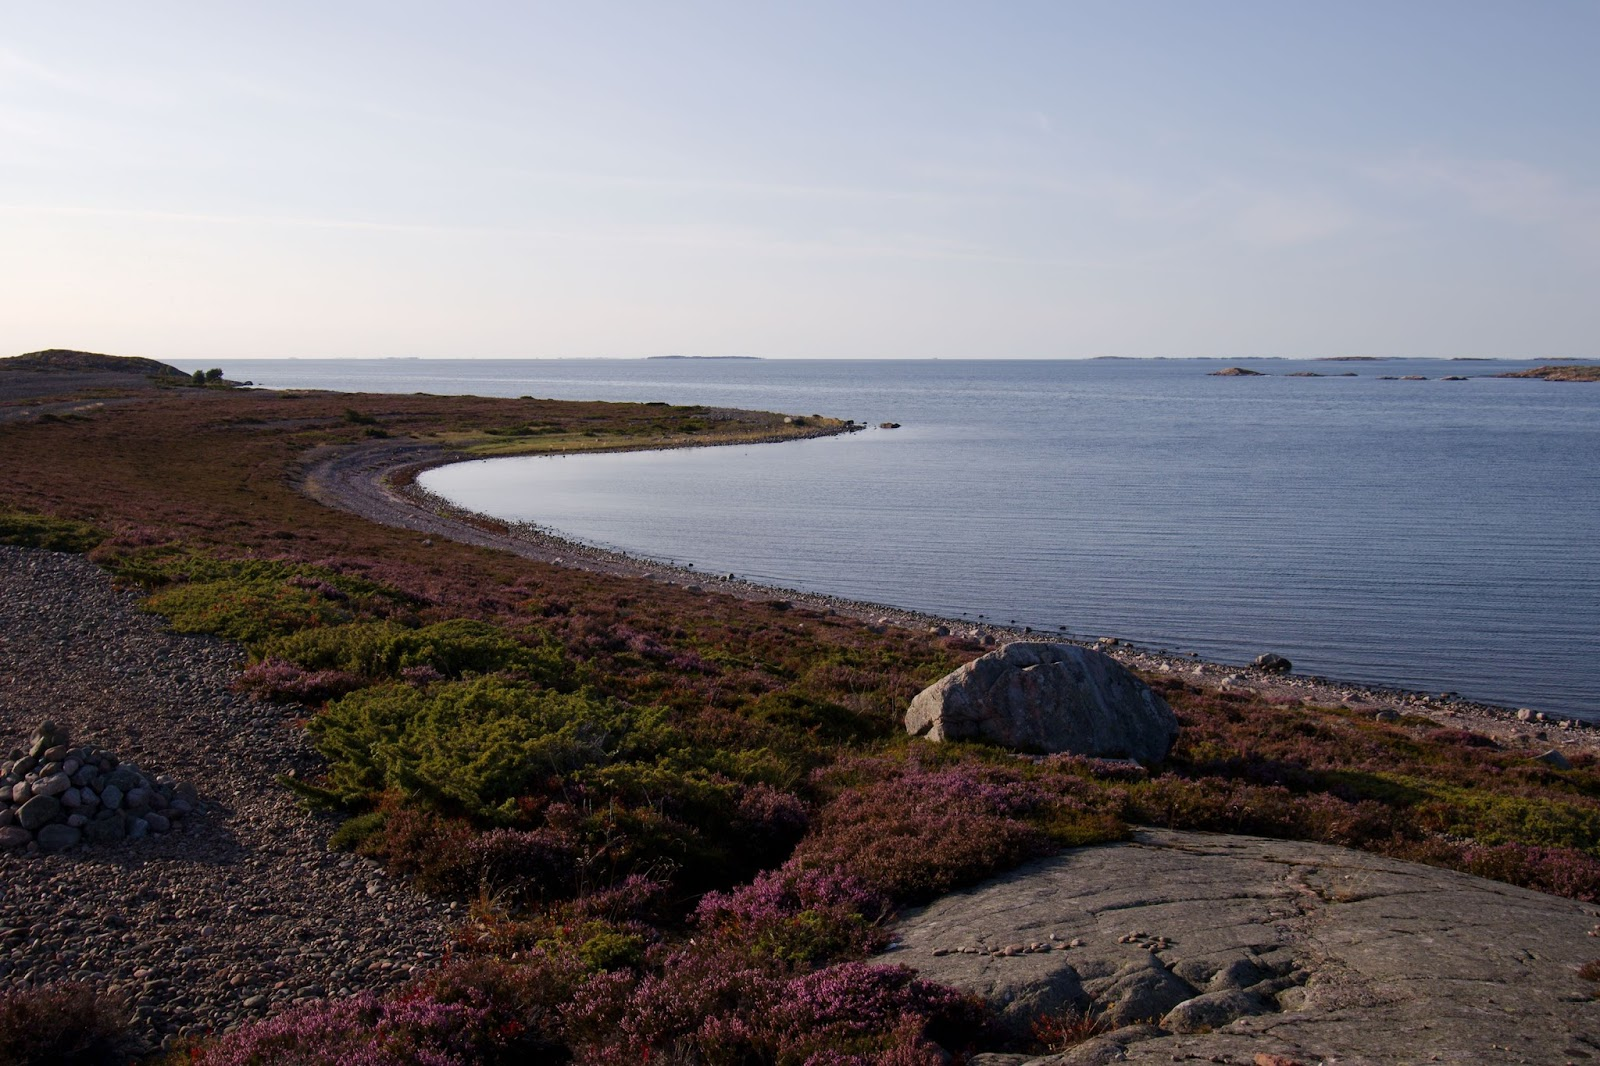 Jurmon kivikkoinen rantaviiva